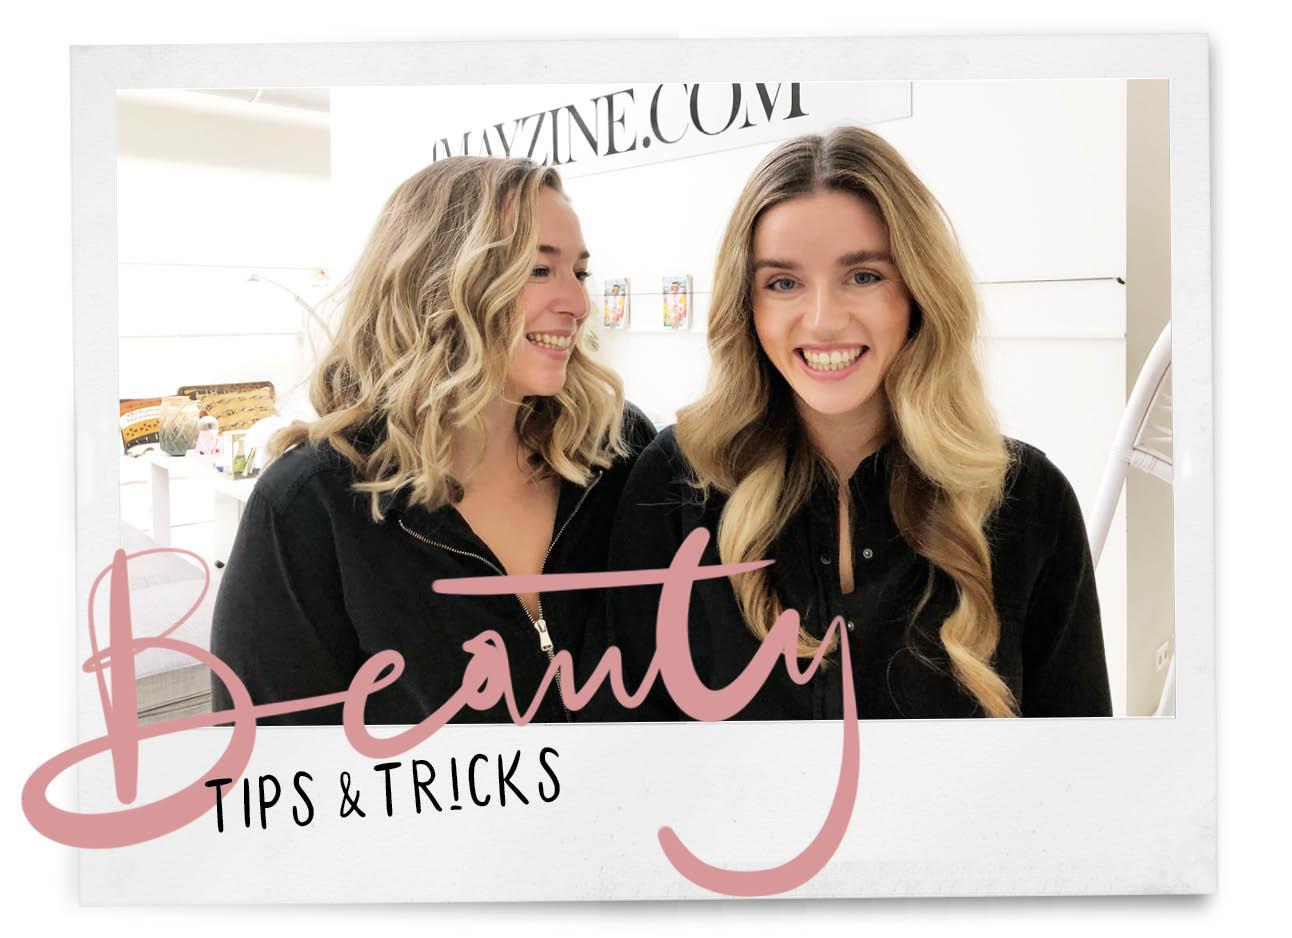 Adeline Mans en Lotte van Scherpenzeel lachend op de redactie amayzine.com met krullen in hun haar